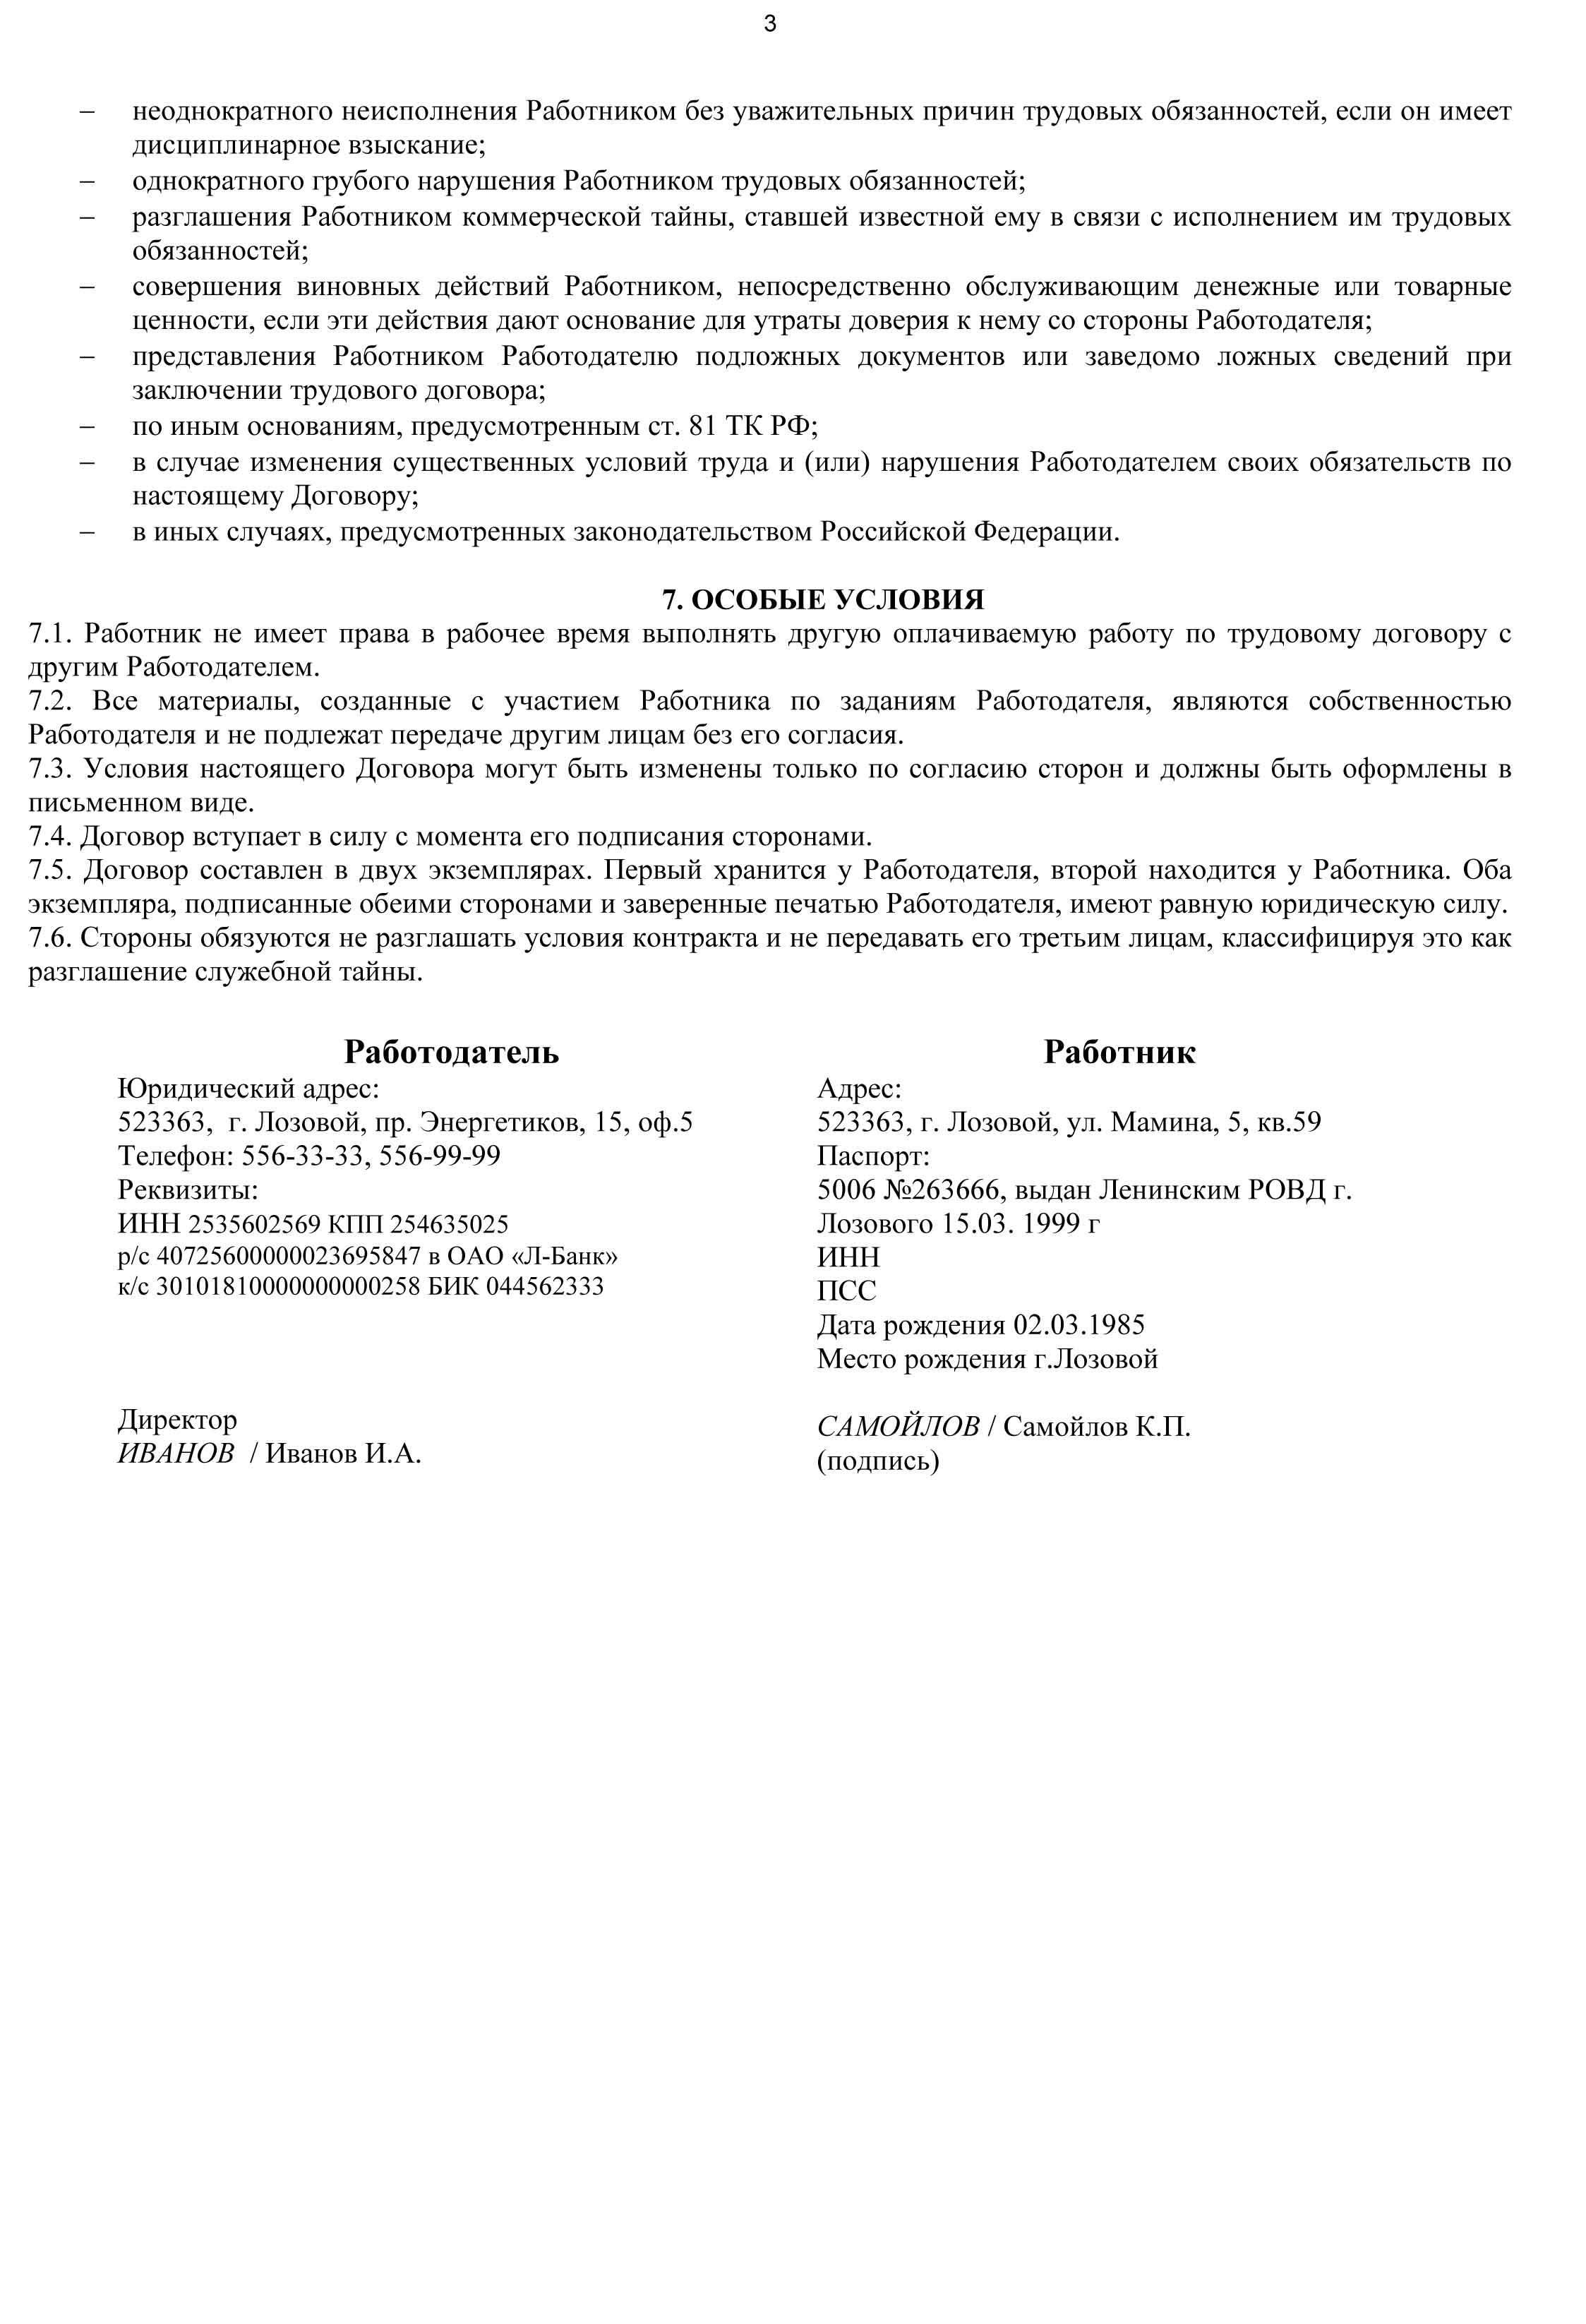 3.-Образец-трудового-договора-с-испытательным-сроком---стр3